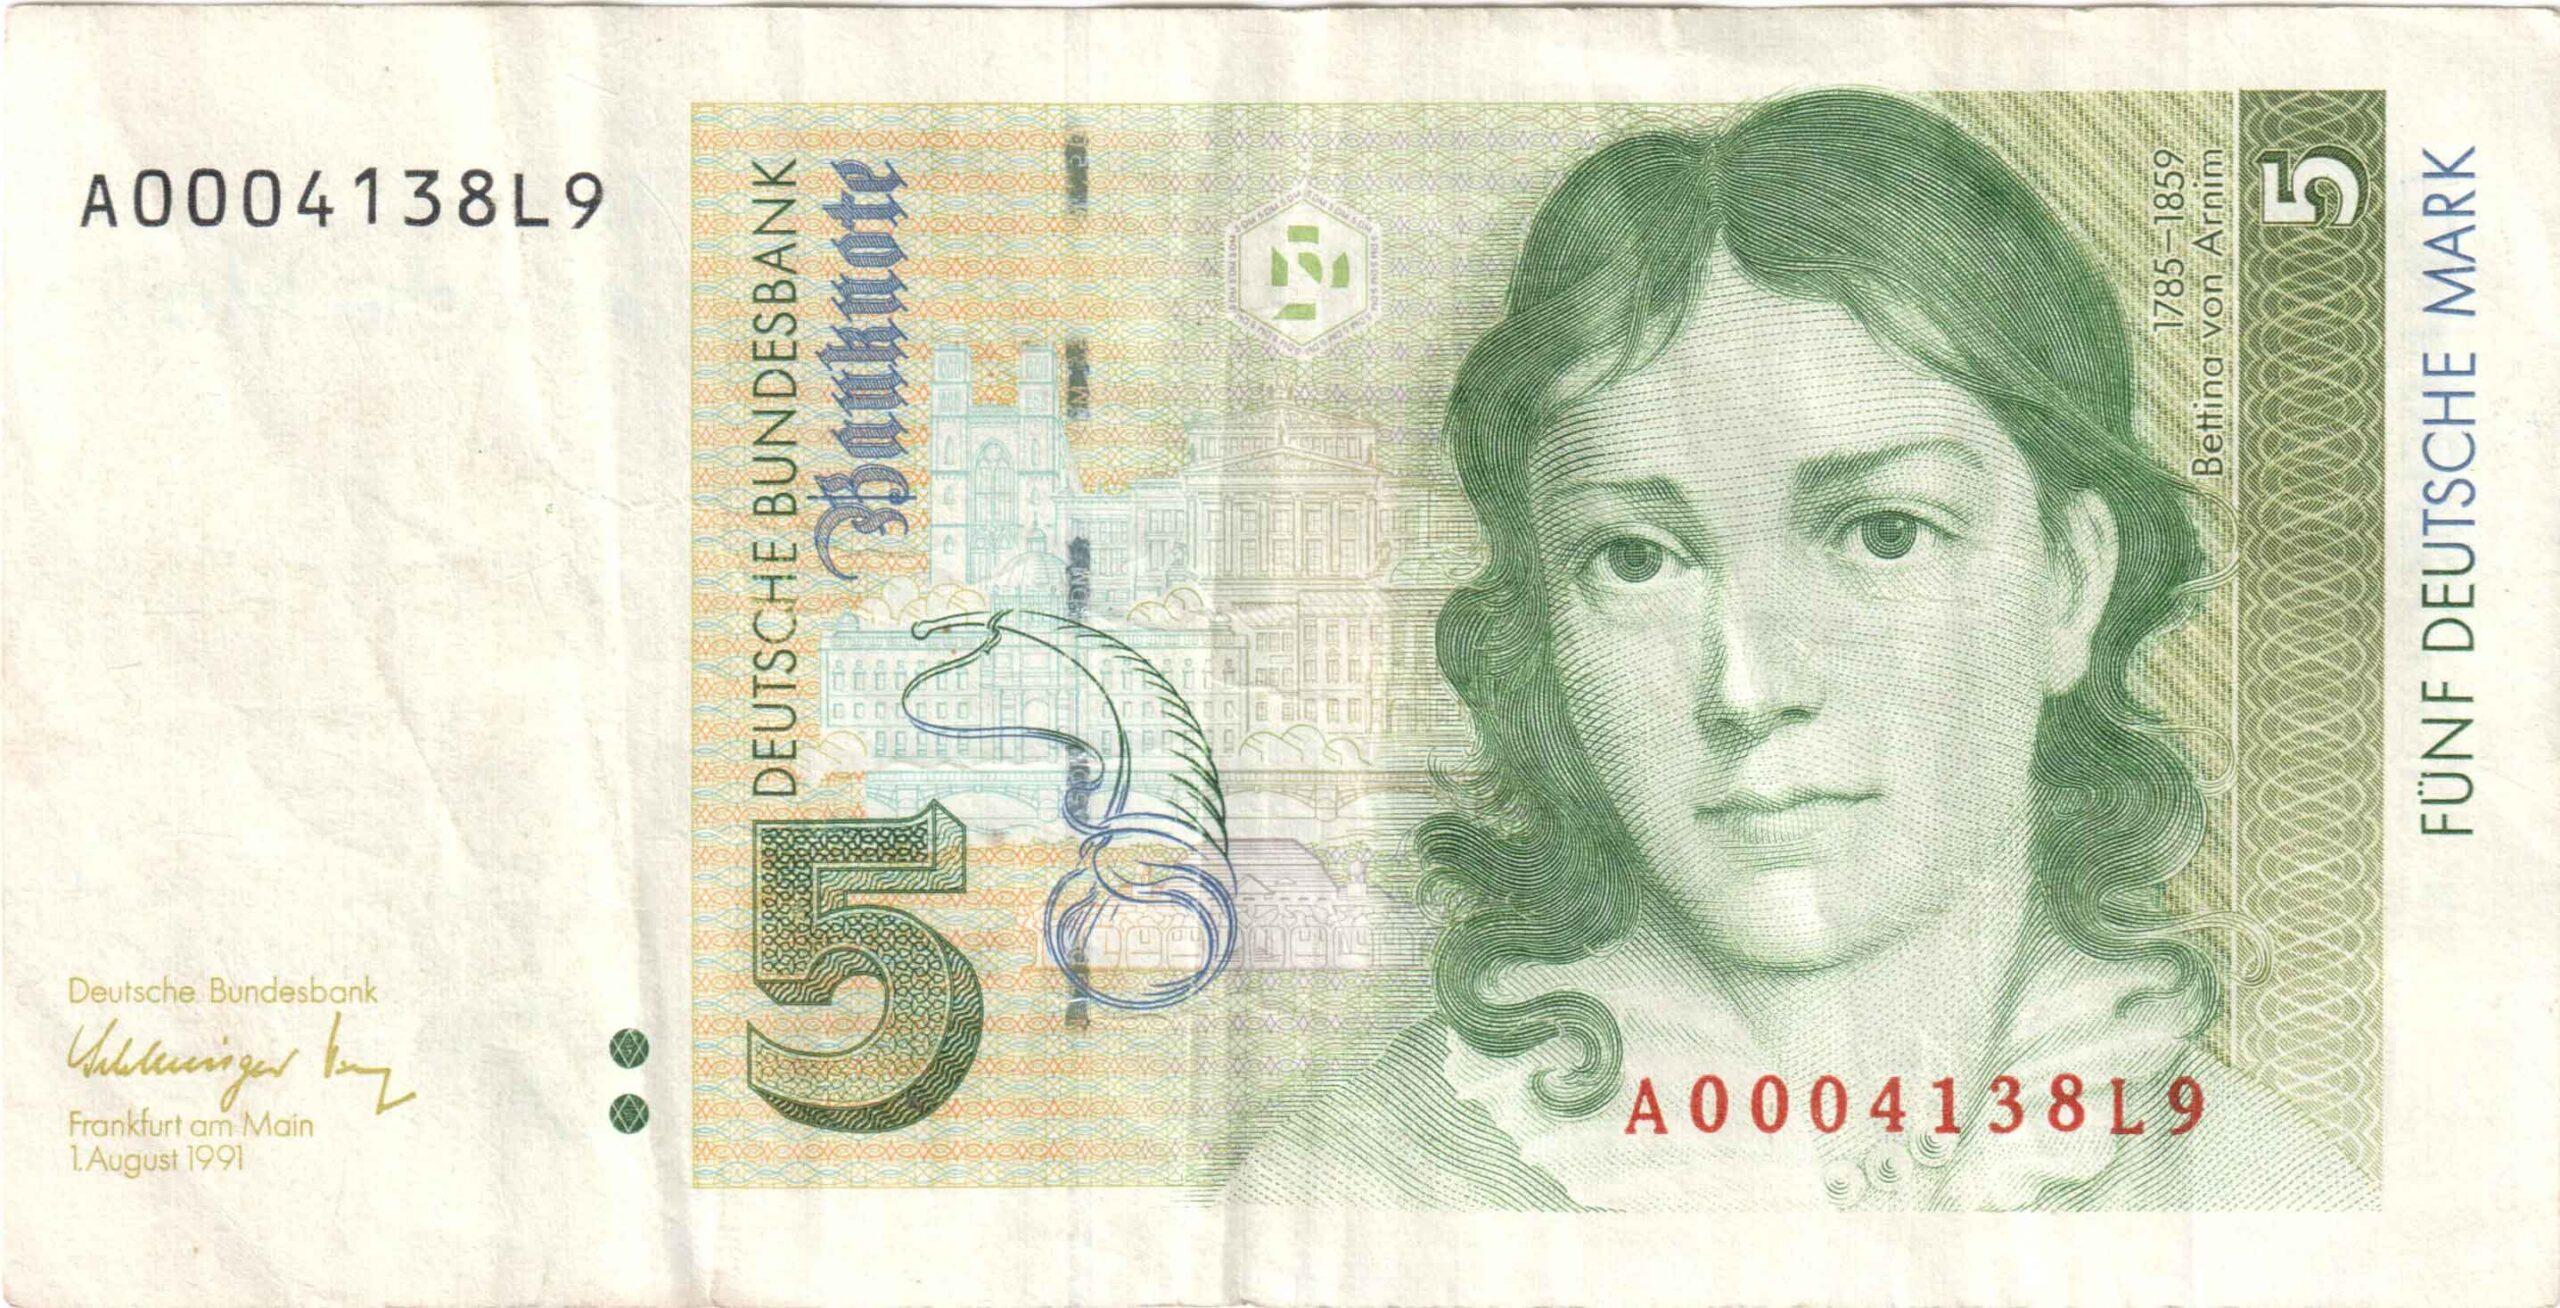 Fünfmarkschein von 1991 Deutsche Bundesbank Serie III, Ro. 296, Rückseite